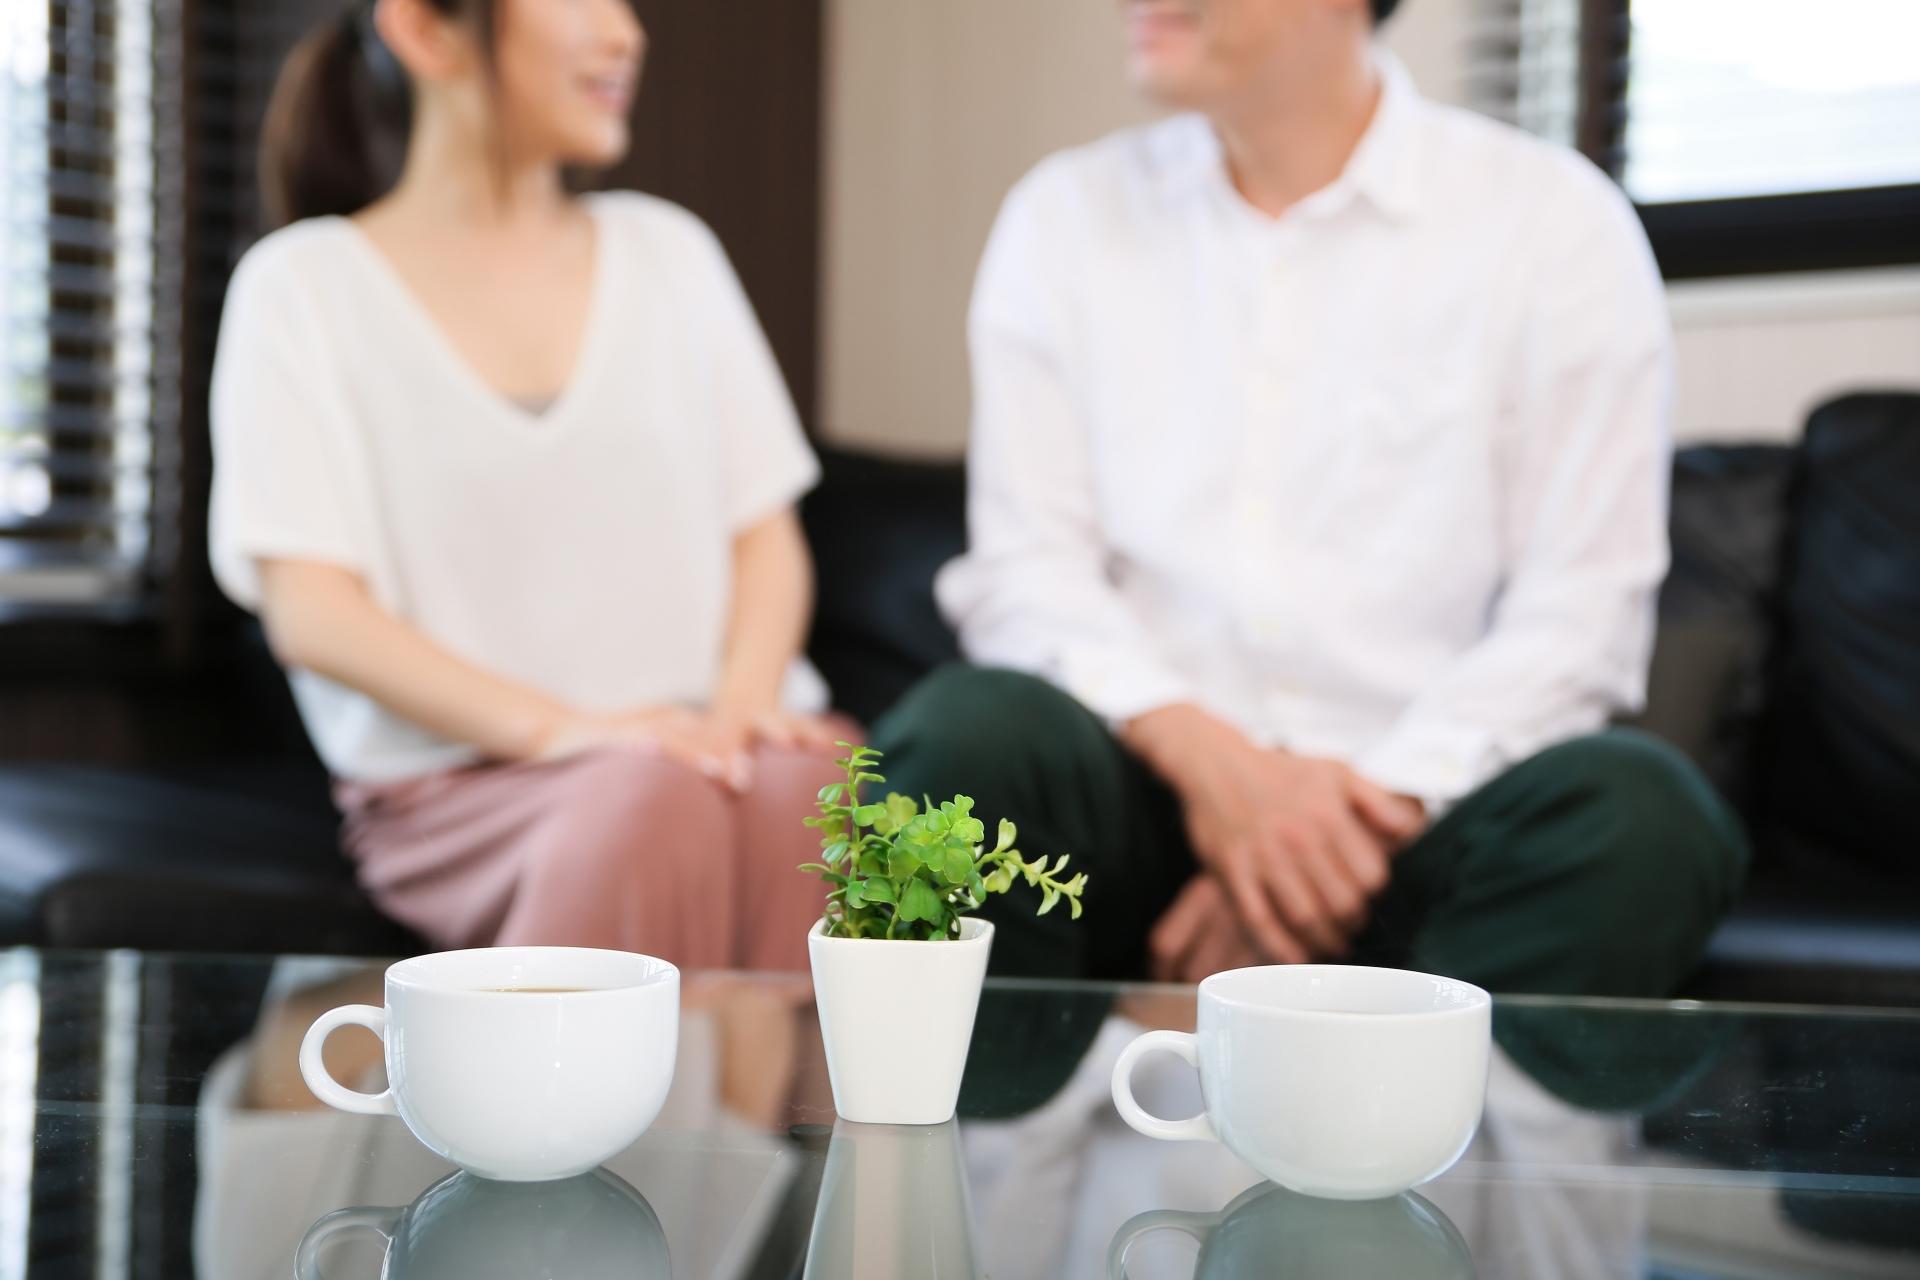 3回目のデートで家に誘うのはあり?おうちデートのポイント